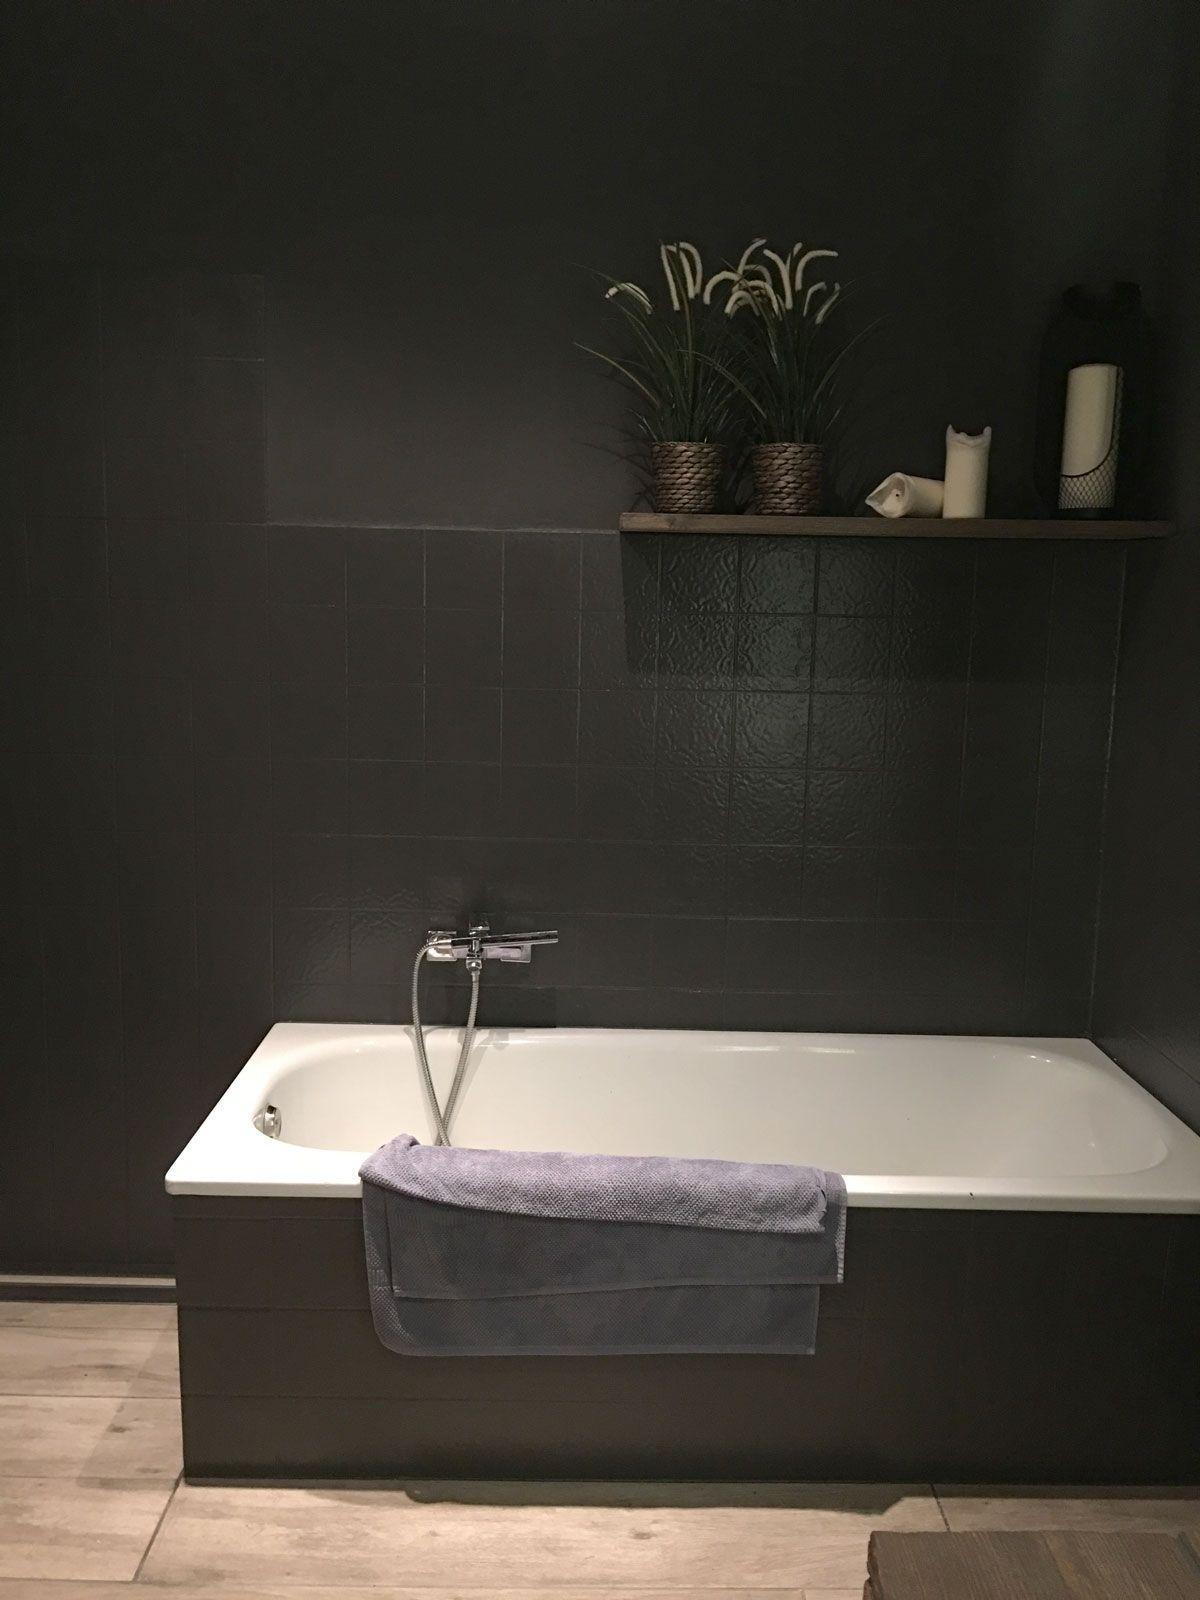 na de renovatie de douchebak is vervangen voor een inloopdouche